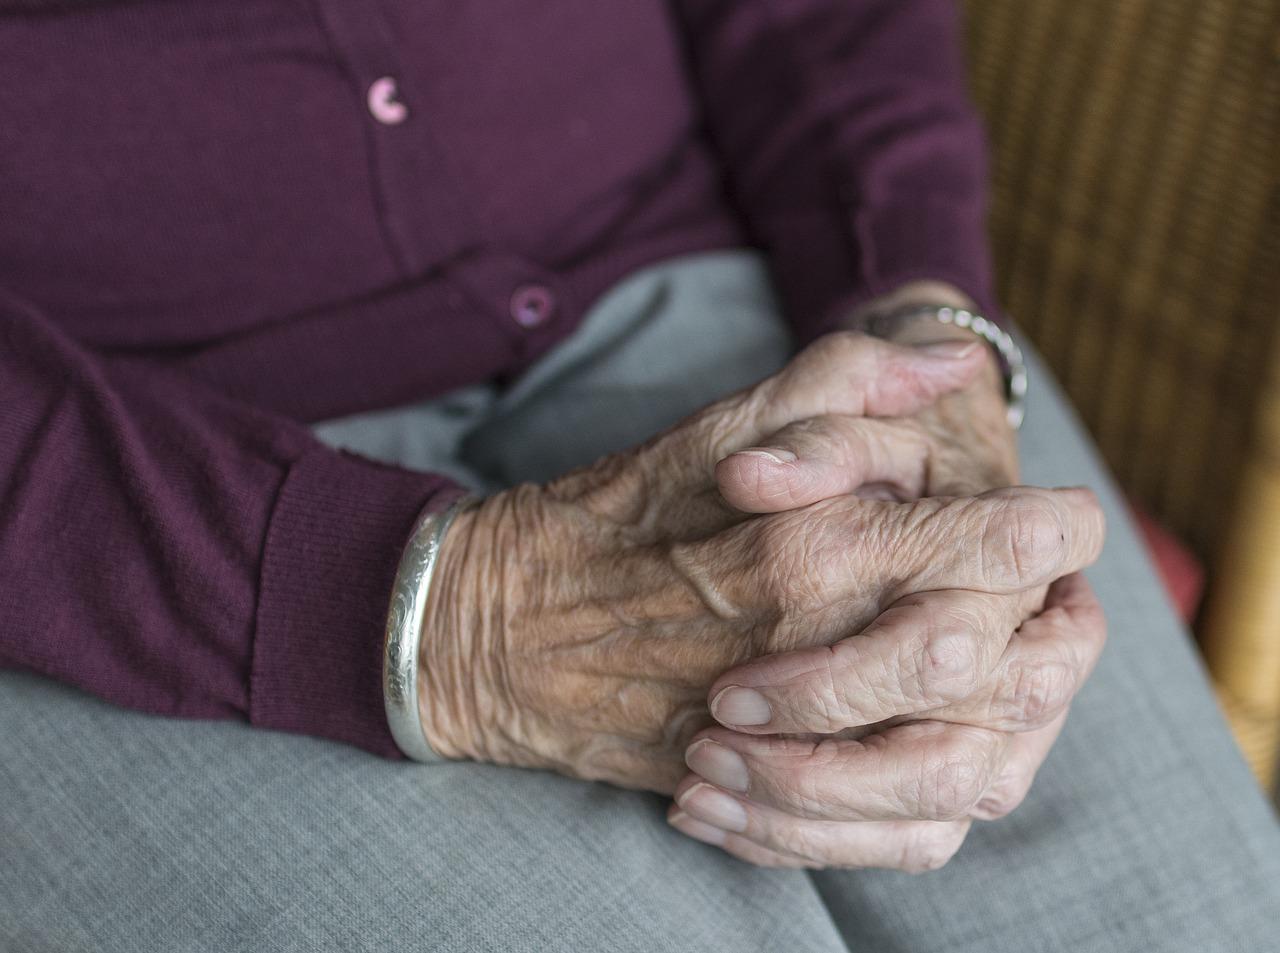 Seniorenpflege muss gelernt sein - Pflegekräfte gibt es für fünf aufeinander aufbauende Pflegestufen